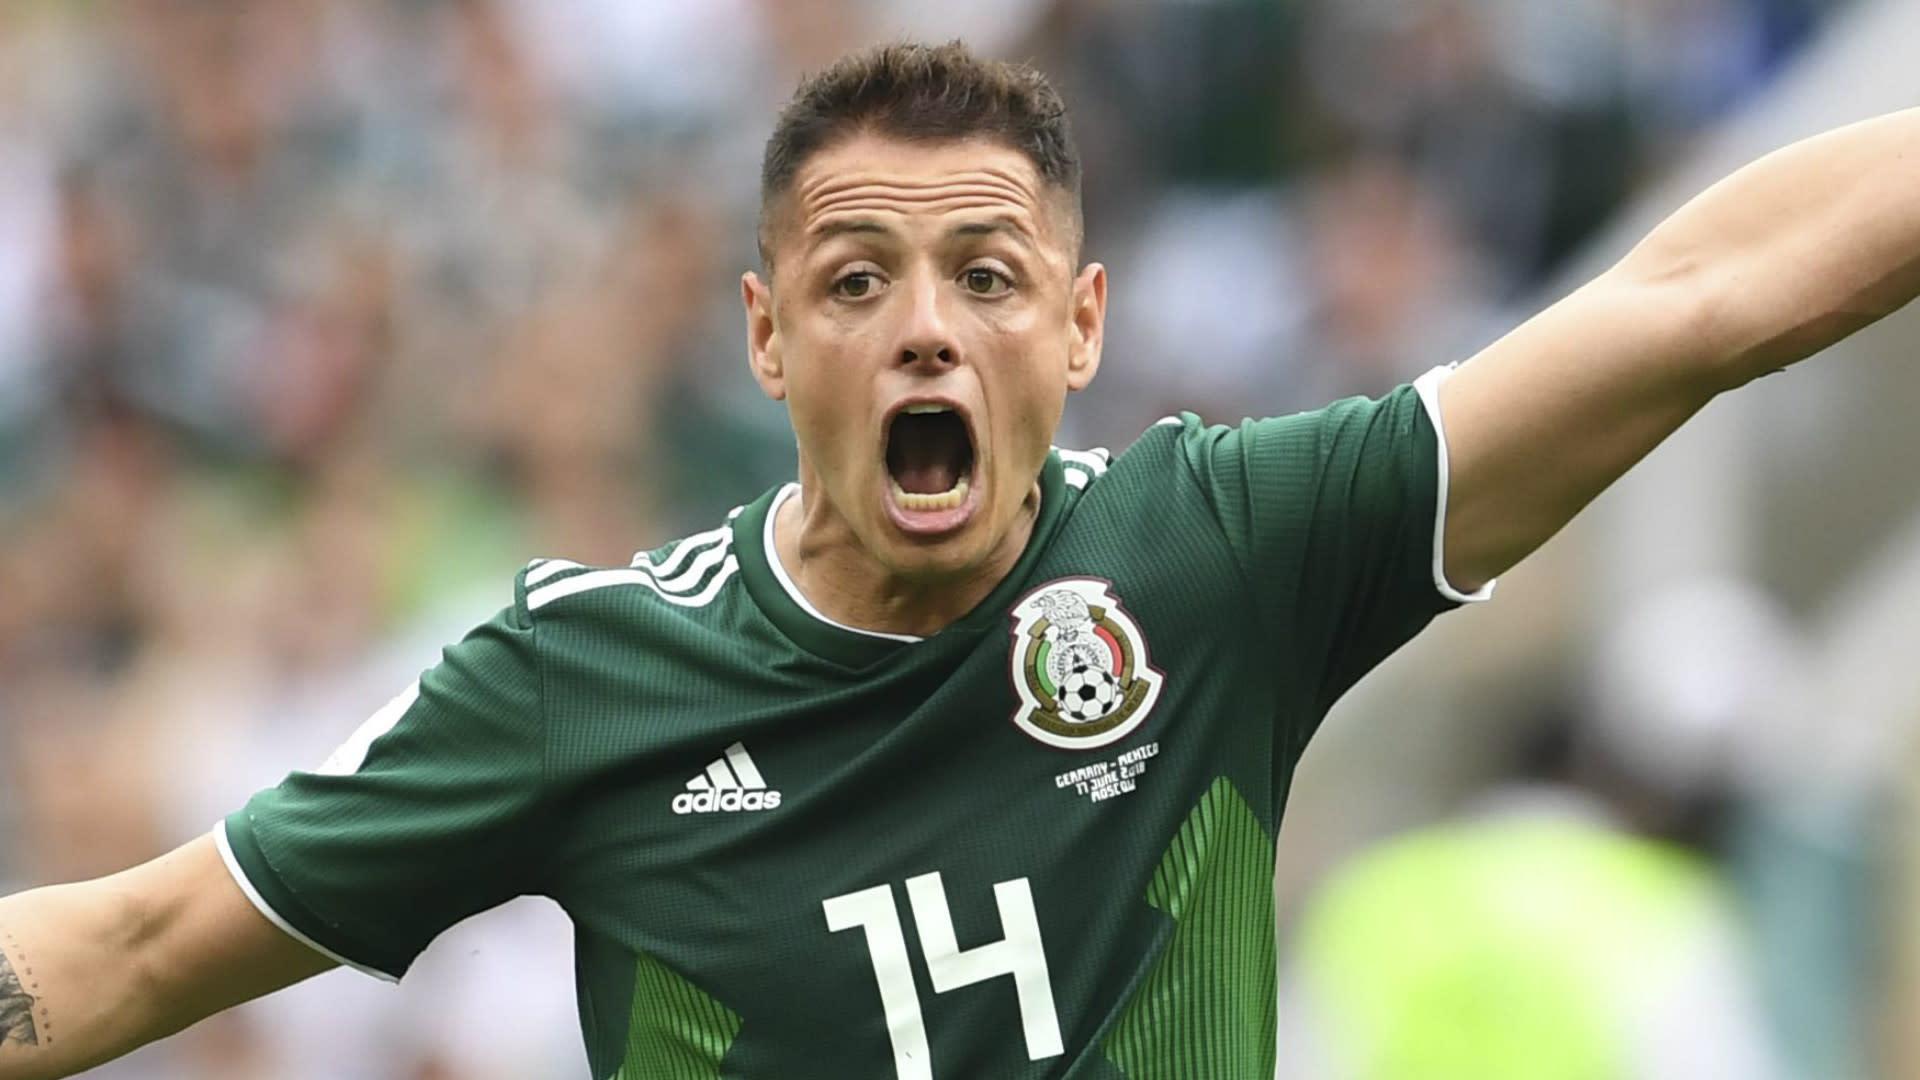 121e931d9cda0 Chicharito, Moreno return to Mexico national team squad in Martino's ...